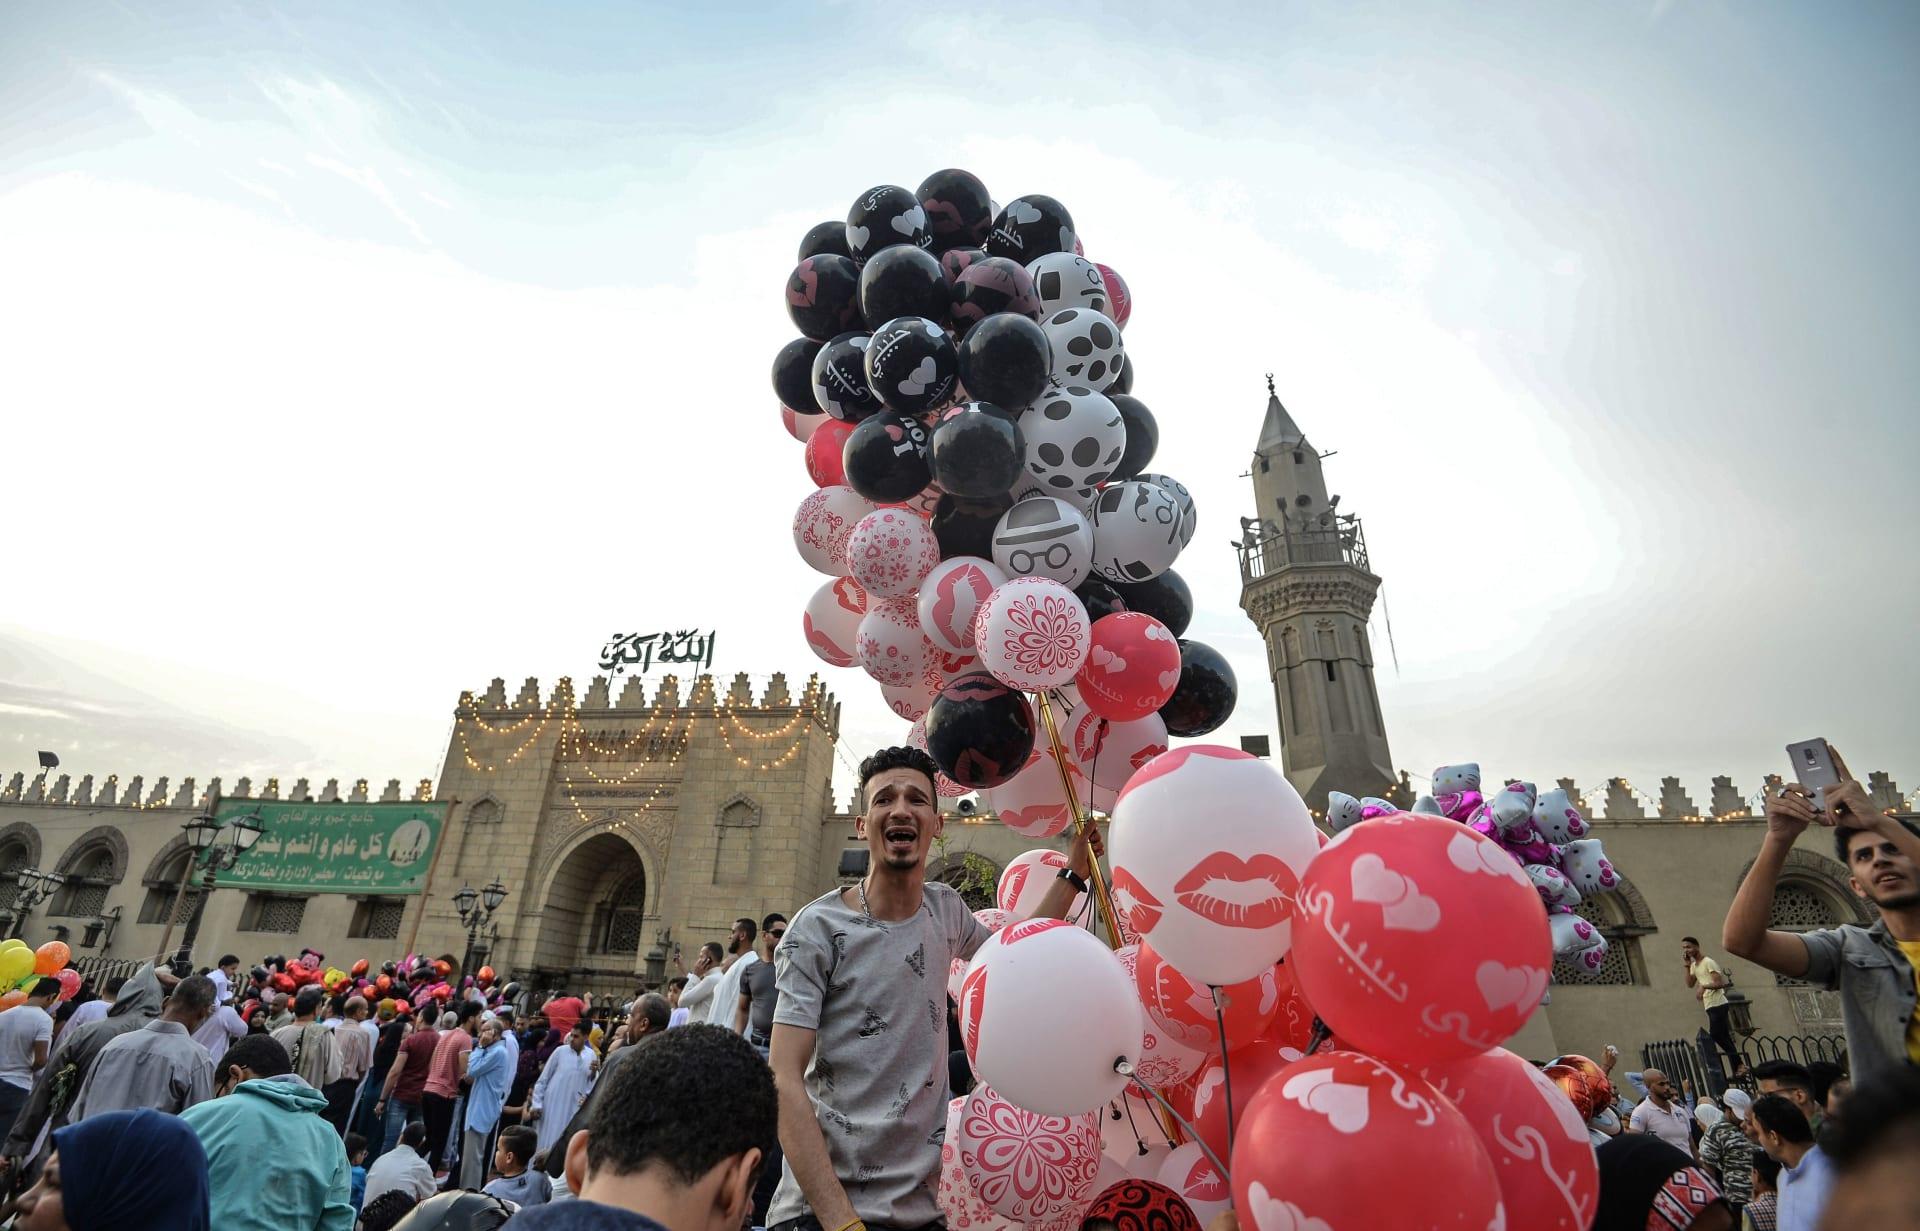 كيف تحيي مظاهر العيد في ظل كورونا؟.. إليكم ما تنصح به منظمة الصحة العالمية